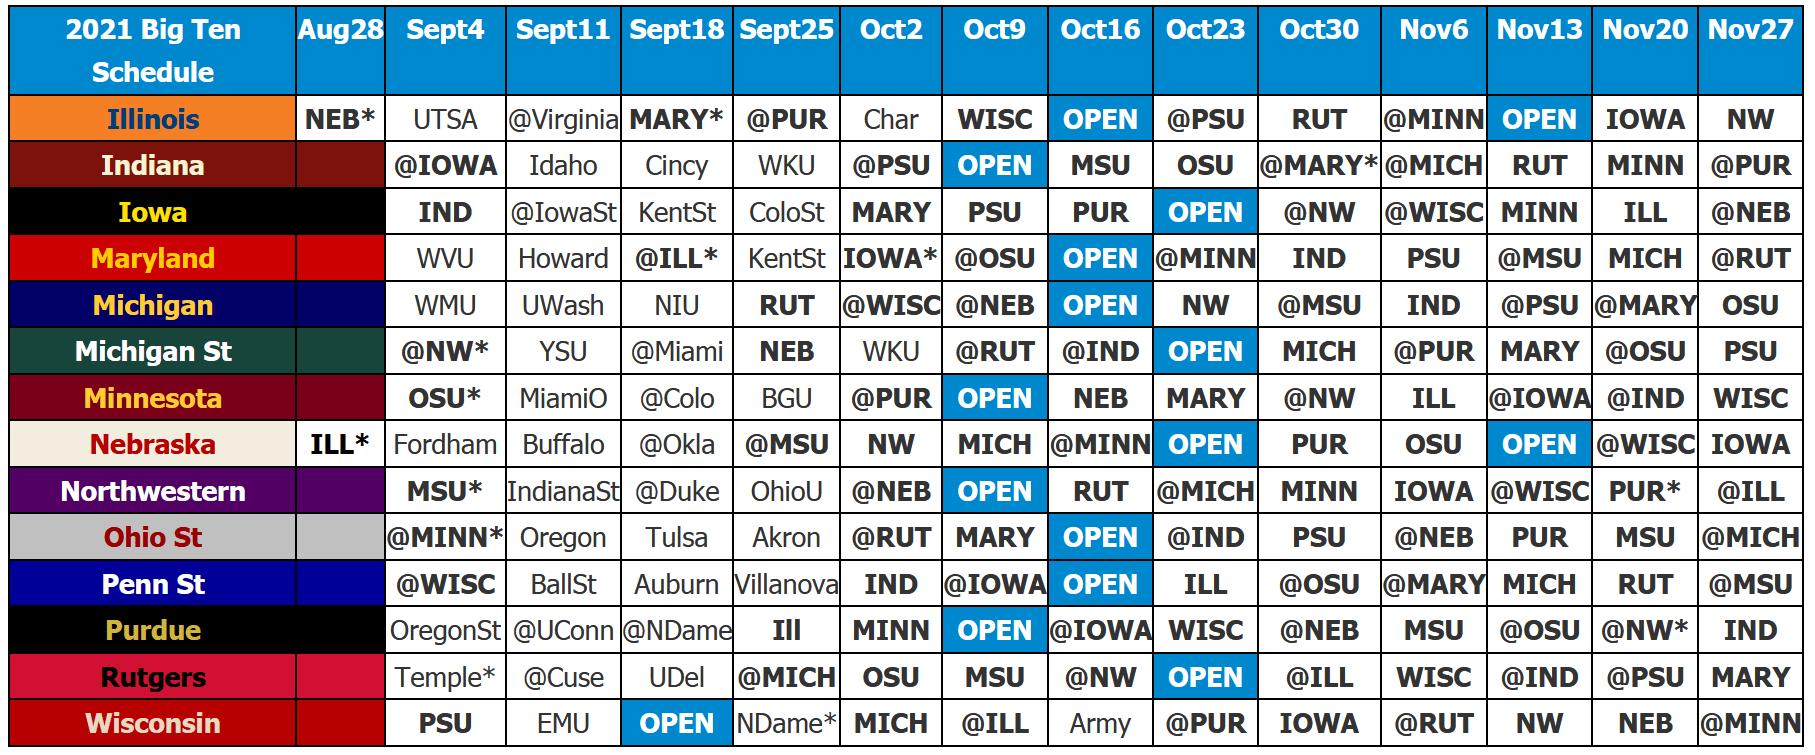 2021 Big Ten Football Schedule